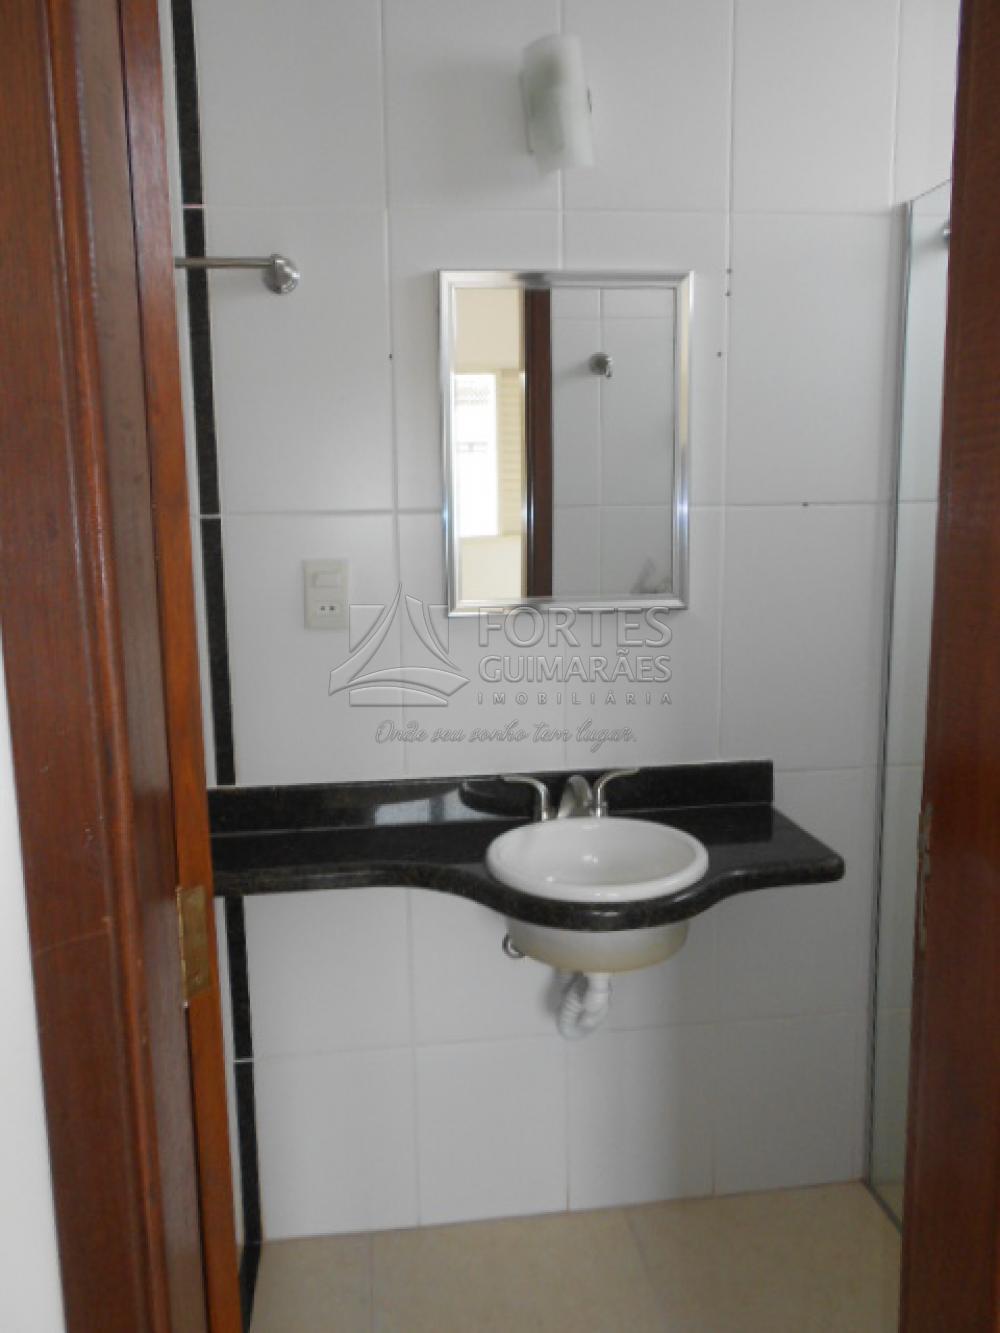 Alugar Casas / Padrão em Ribeirão Preto apenas R$ 3.500,00 - Foto 39